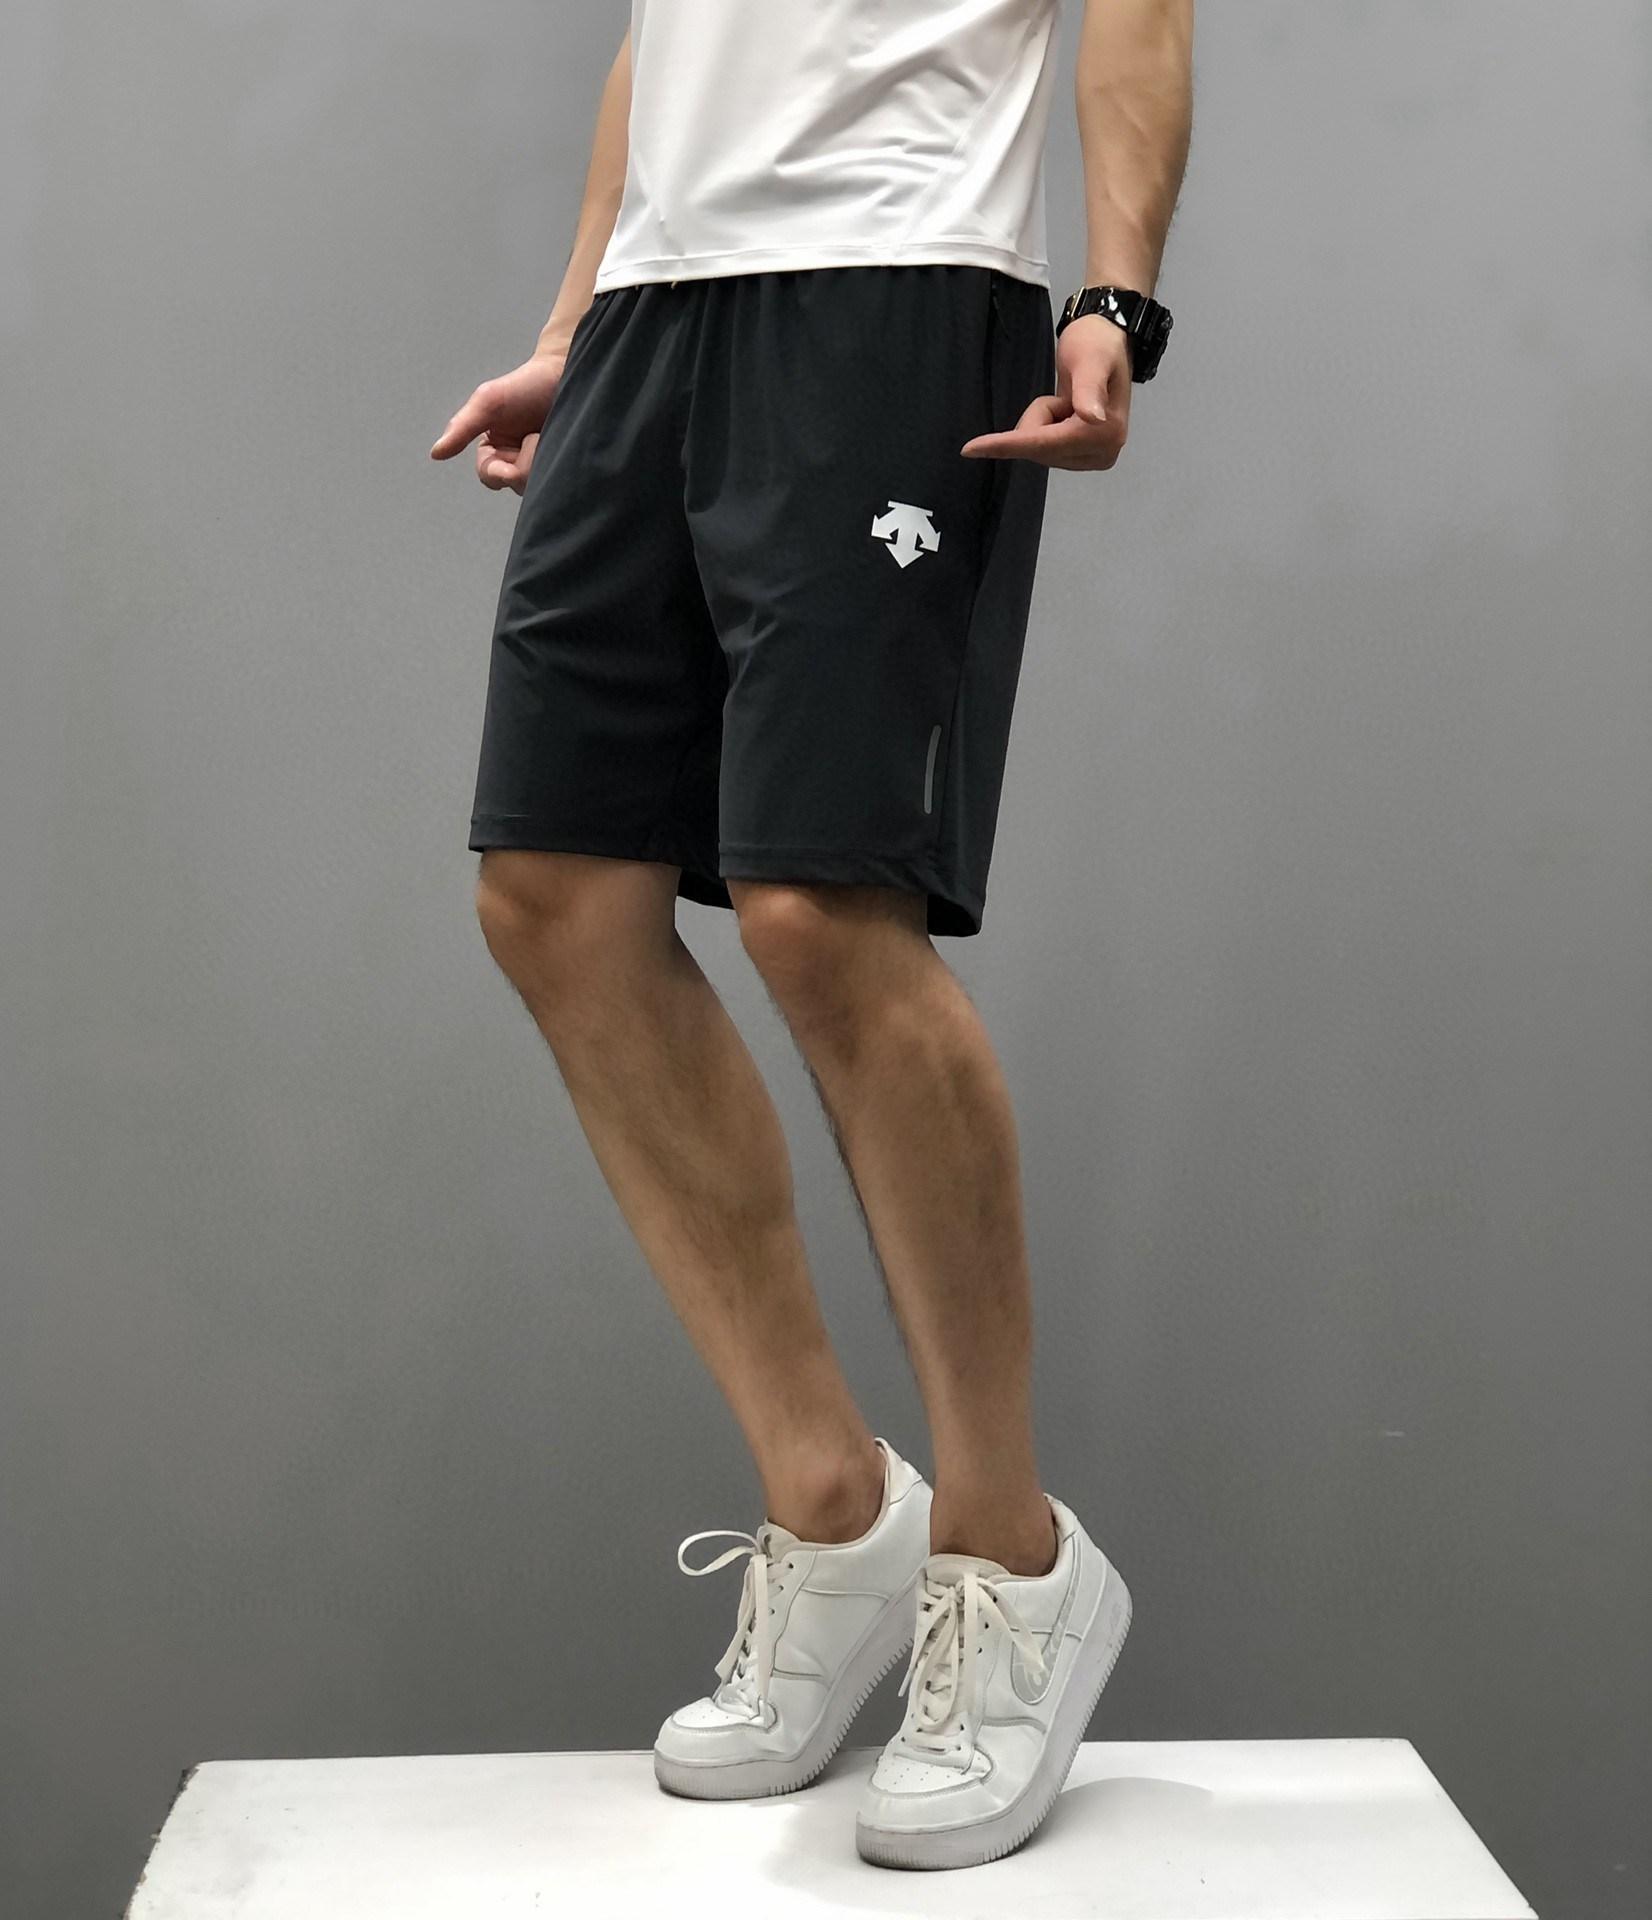 DESCENTE 디산트 2021 여름 RUNNING 남자 반바지 우븐 운동 캐주얼 드라이핏 달리기 반바지-2-5548378448